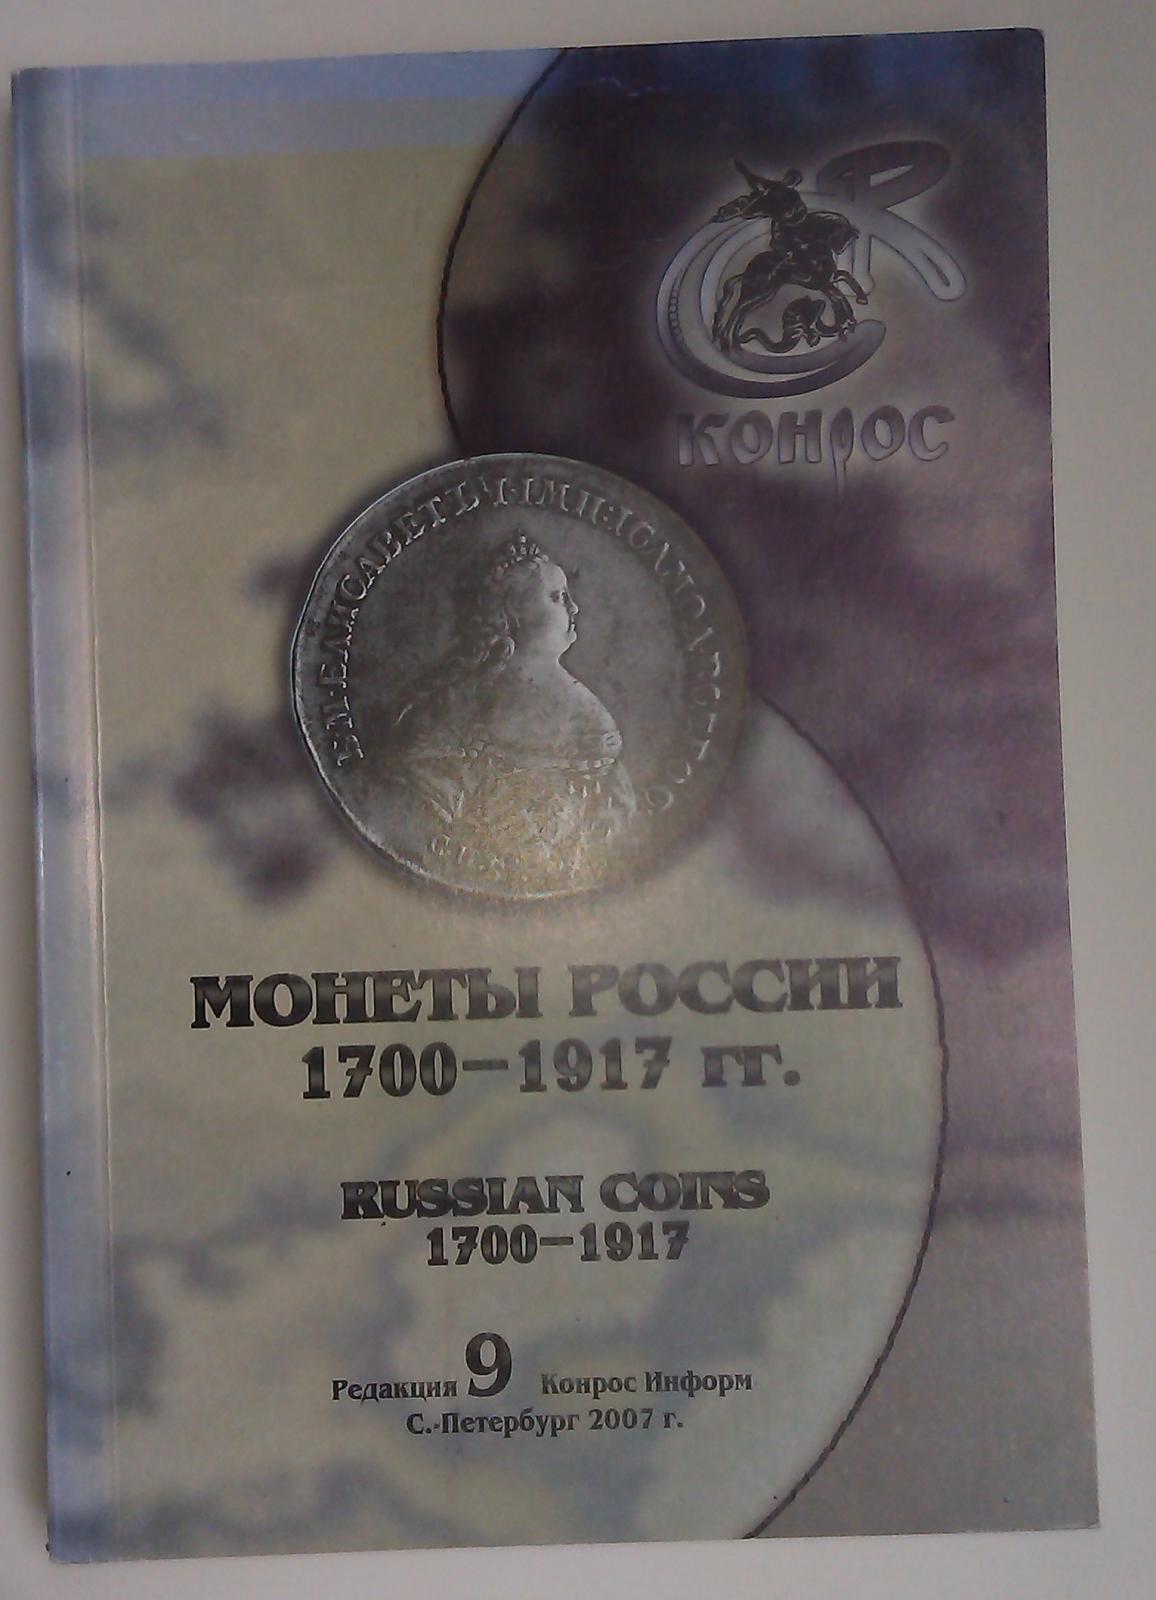 КОНРОС МОНЕТЫ РОССИИ 1700 1917 РЕДАКЦИЯ 15 СКАЧАТЬ БЕСПЛАТНО